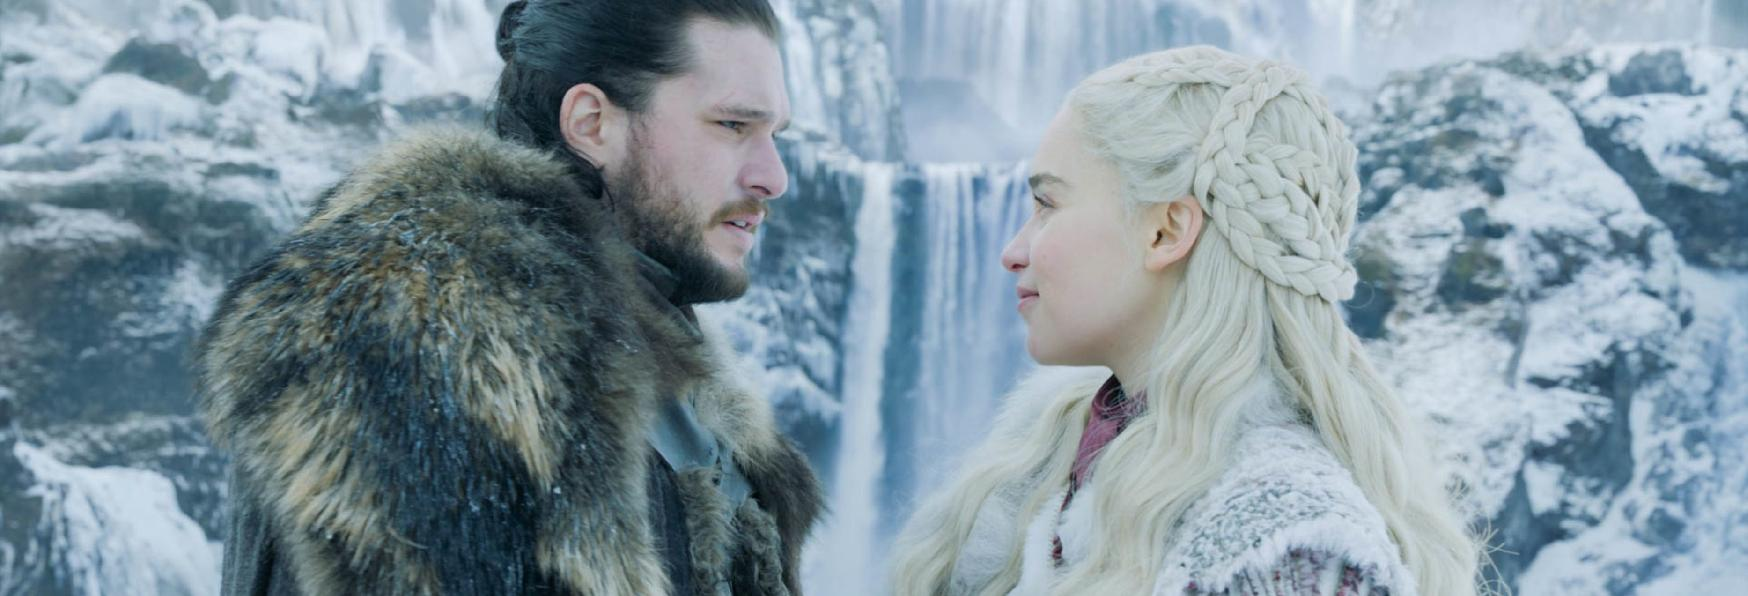 Game of Thrones: Ascolti da Record per l'Episodio 8x01 della Serie HBO